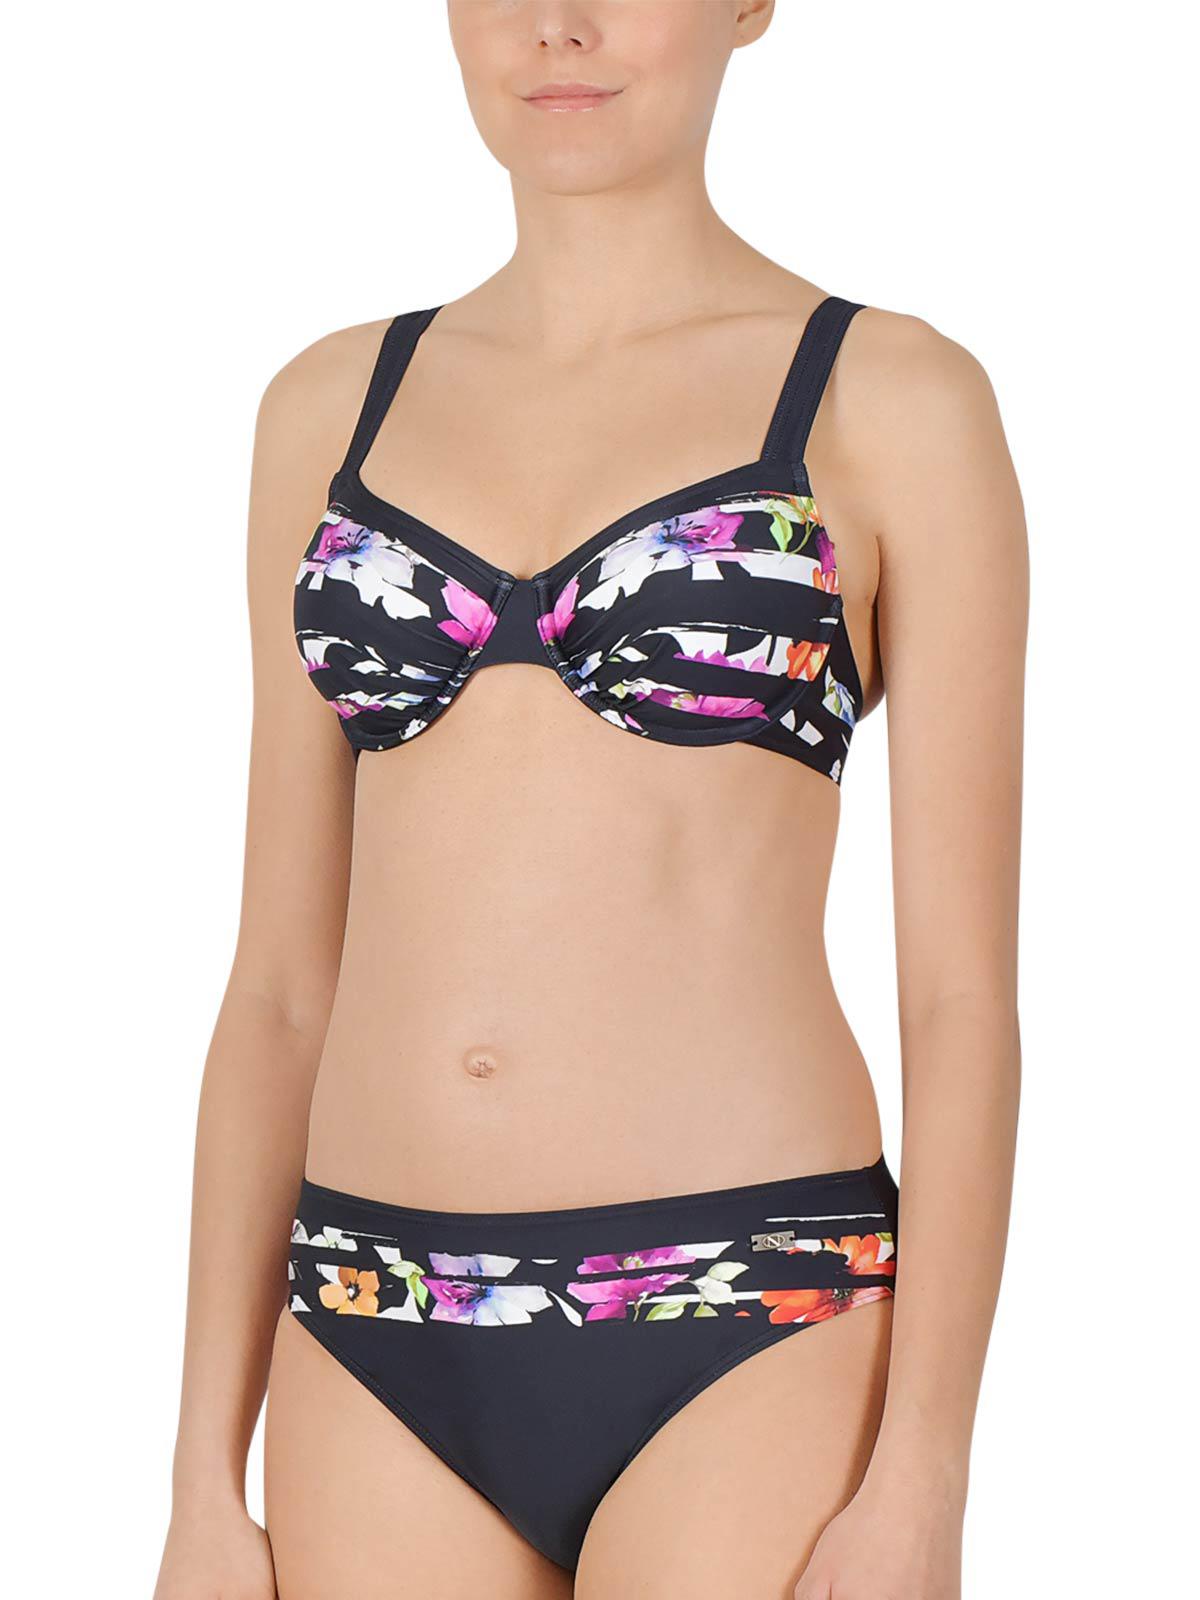 NATURANA Bügel-Bikini 72515 Gr. 38-46 B-E